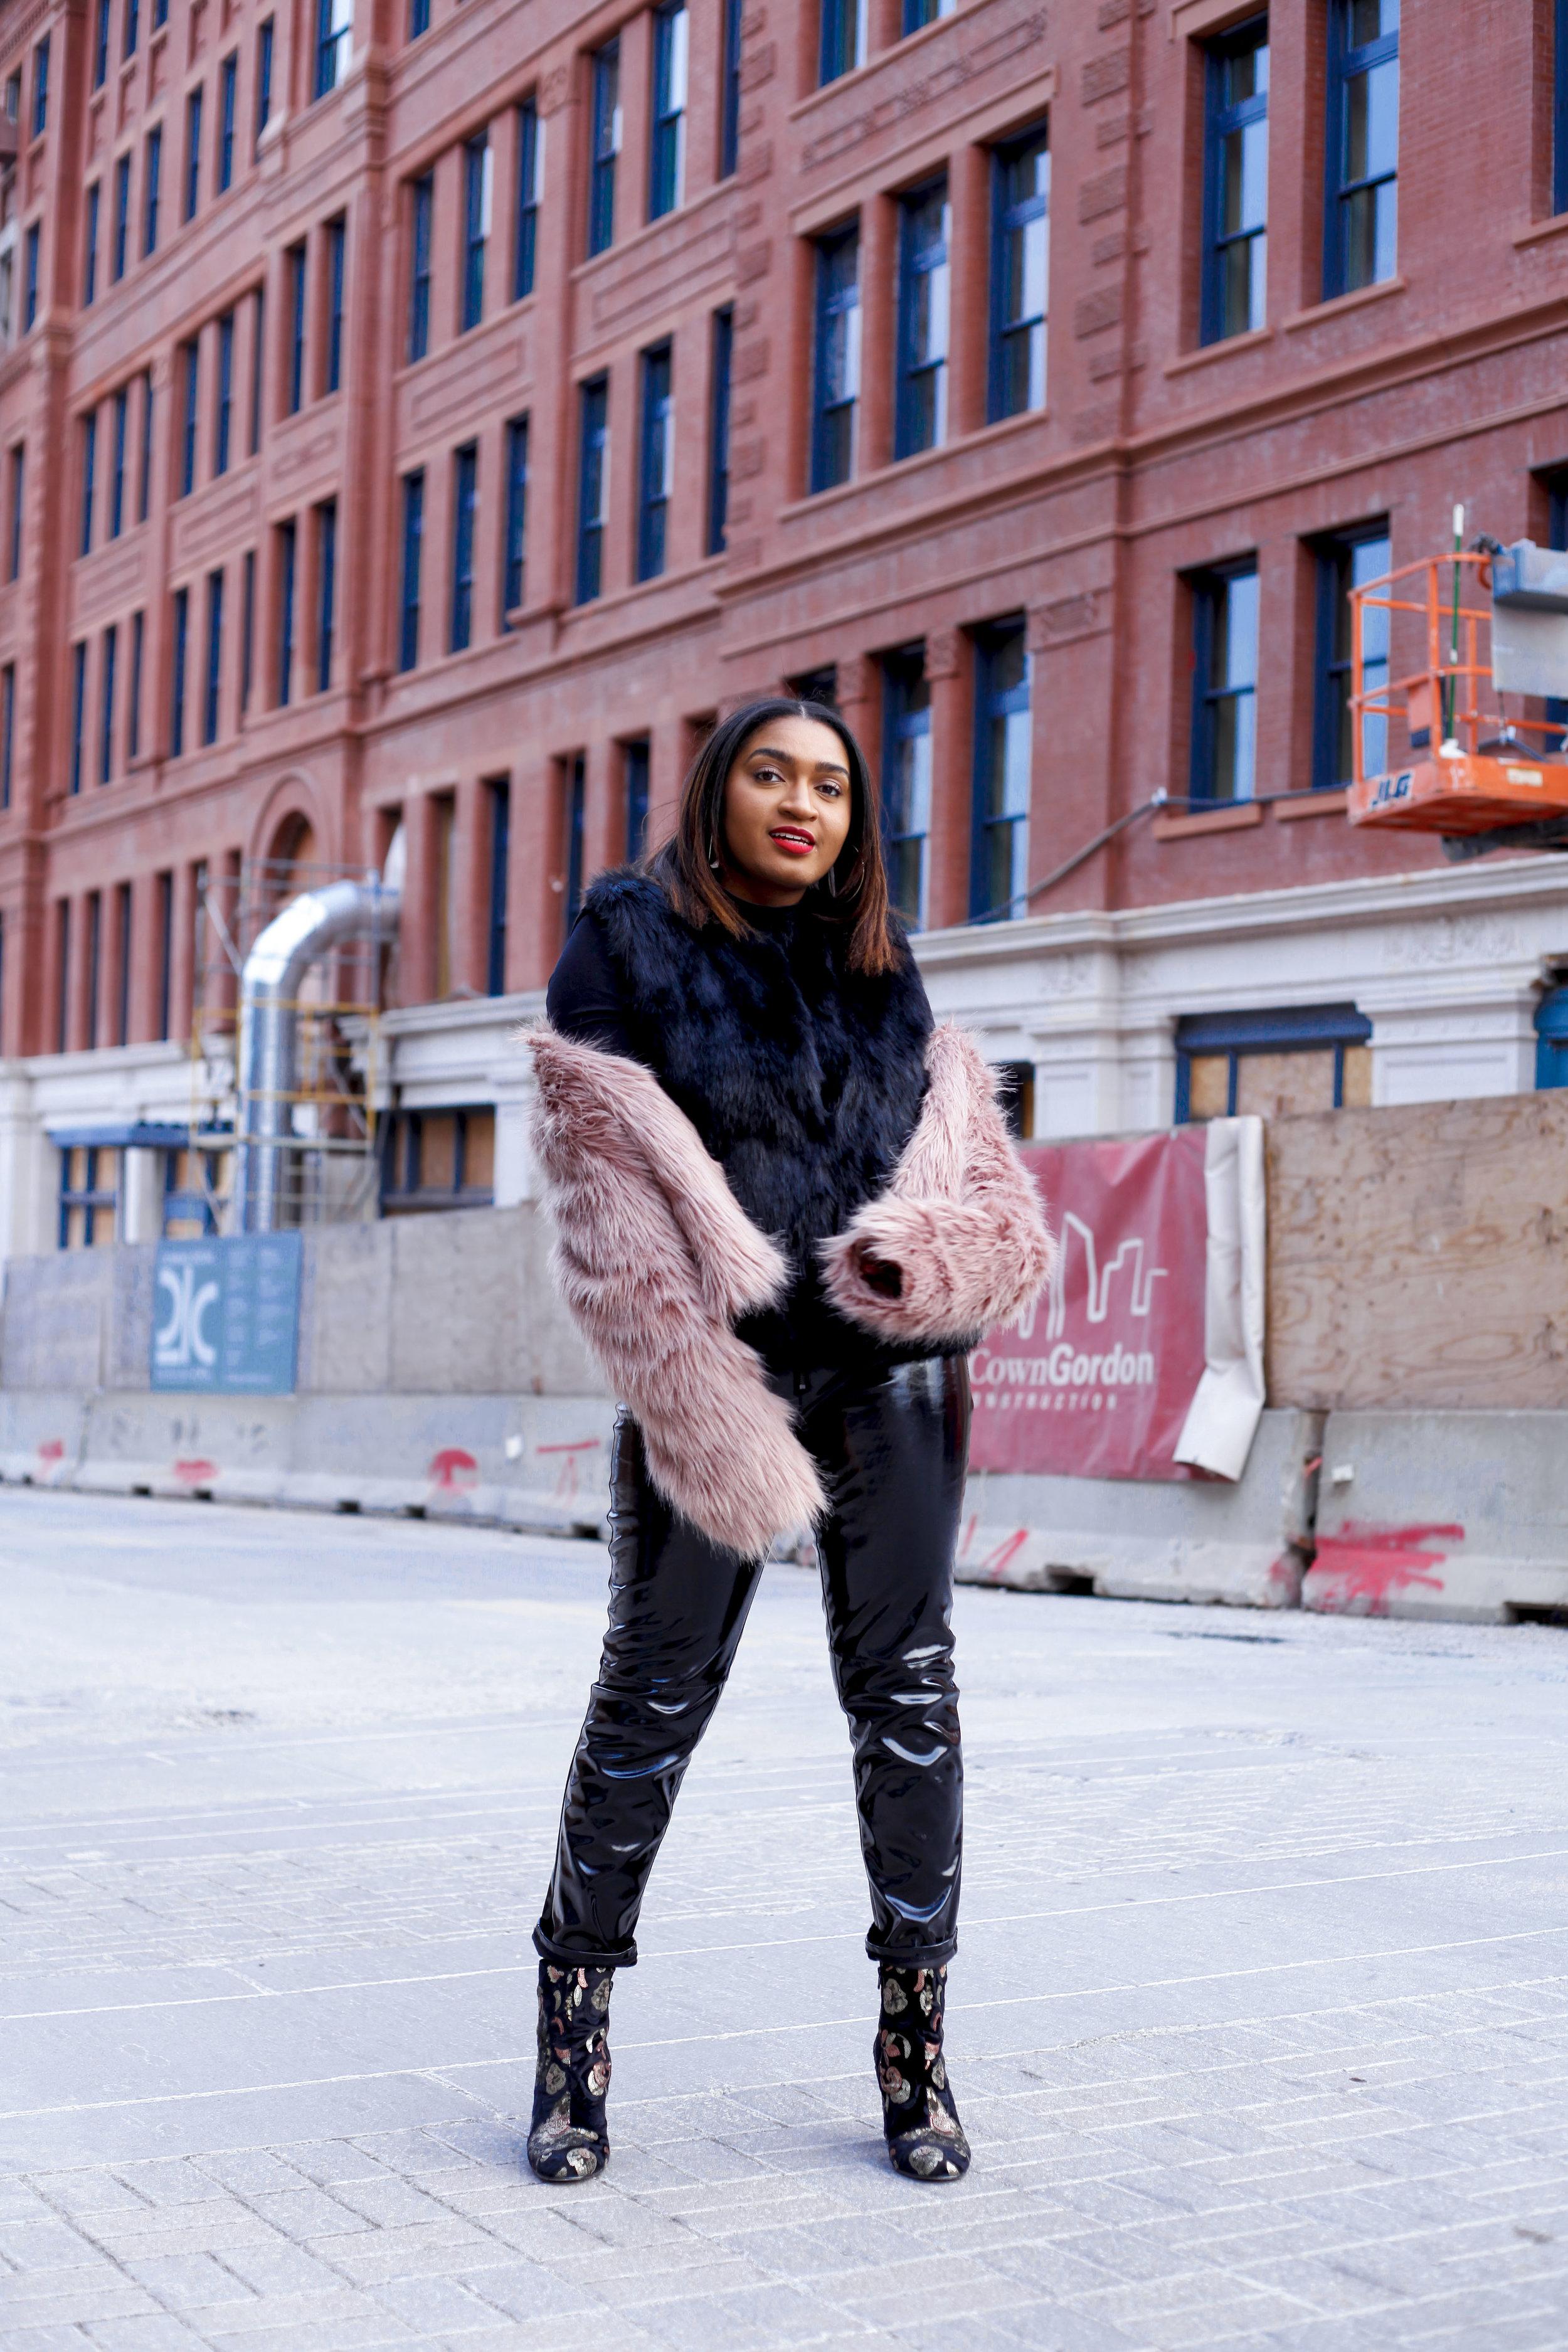 Downtown kansas city fashion blogger, jasmine diane